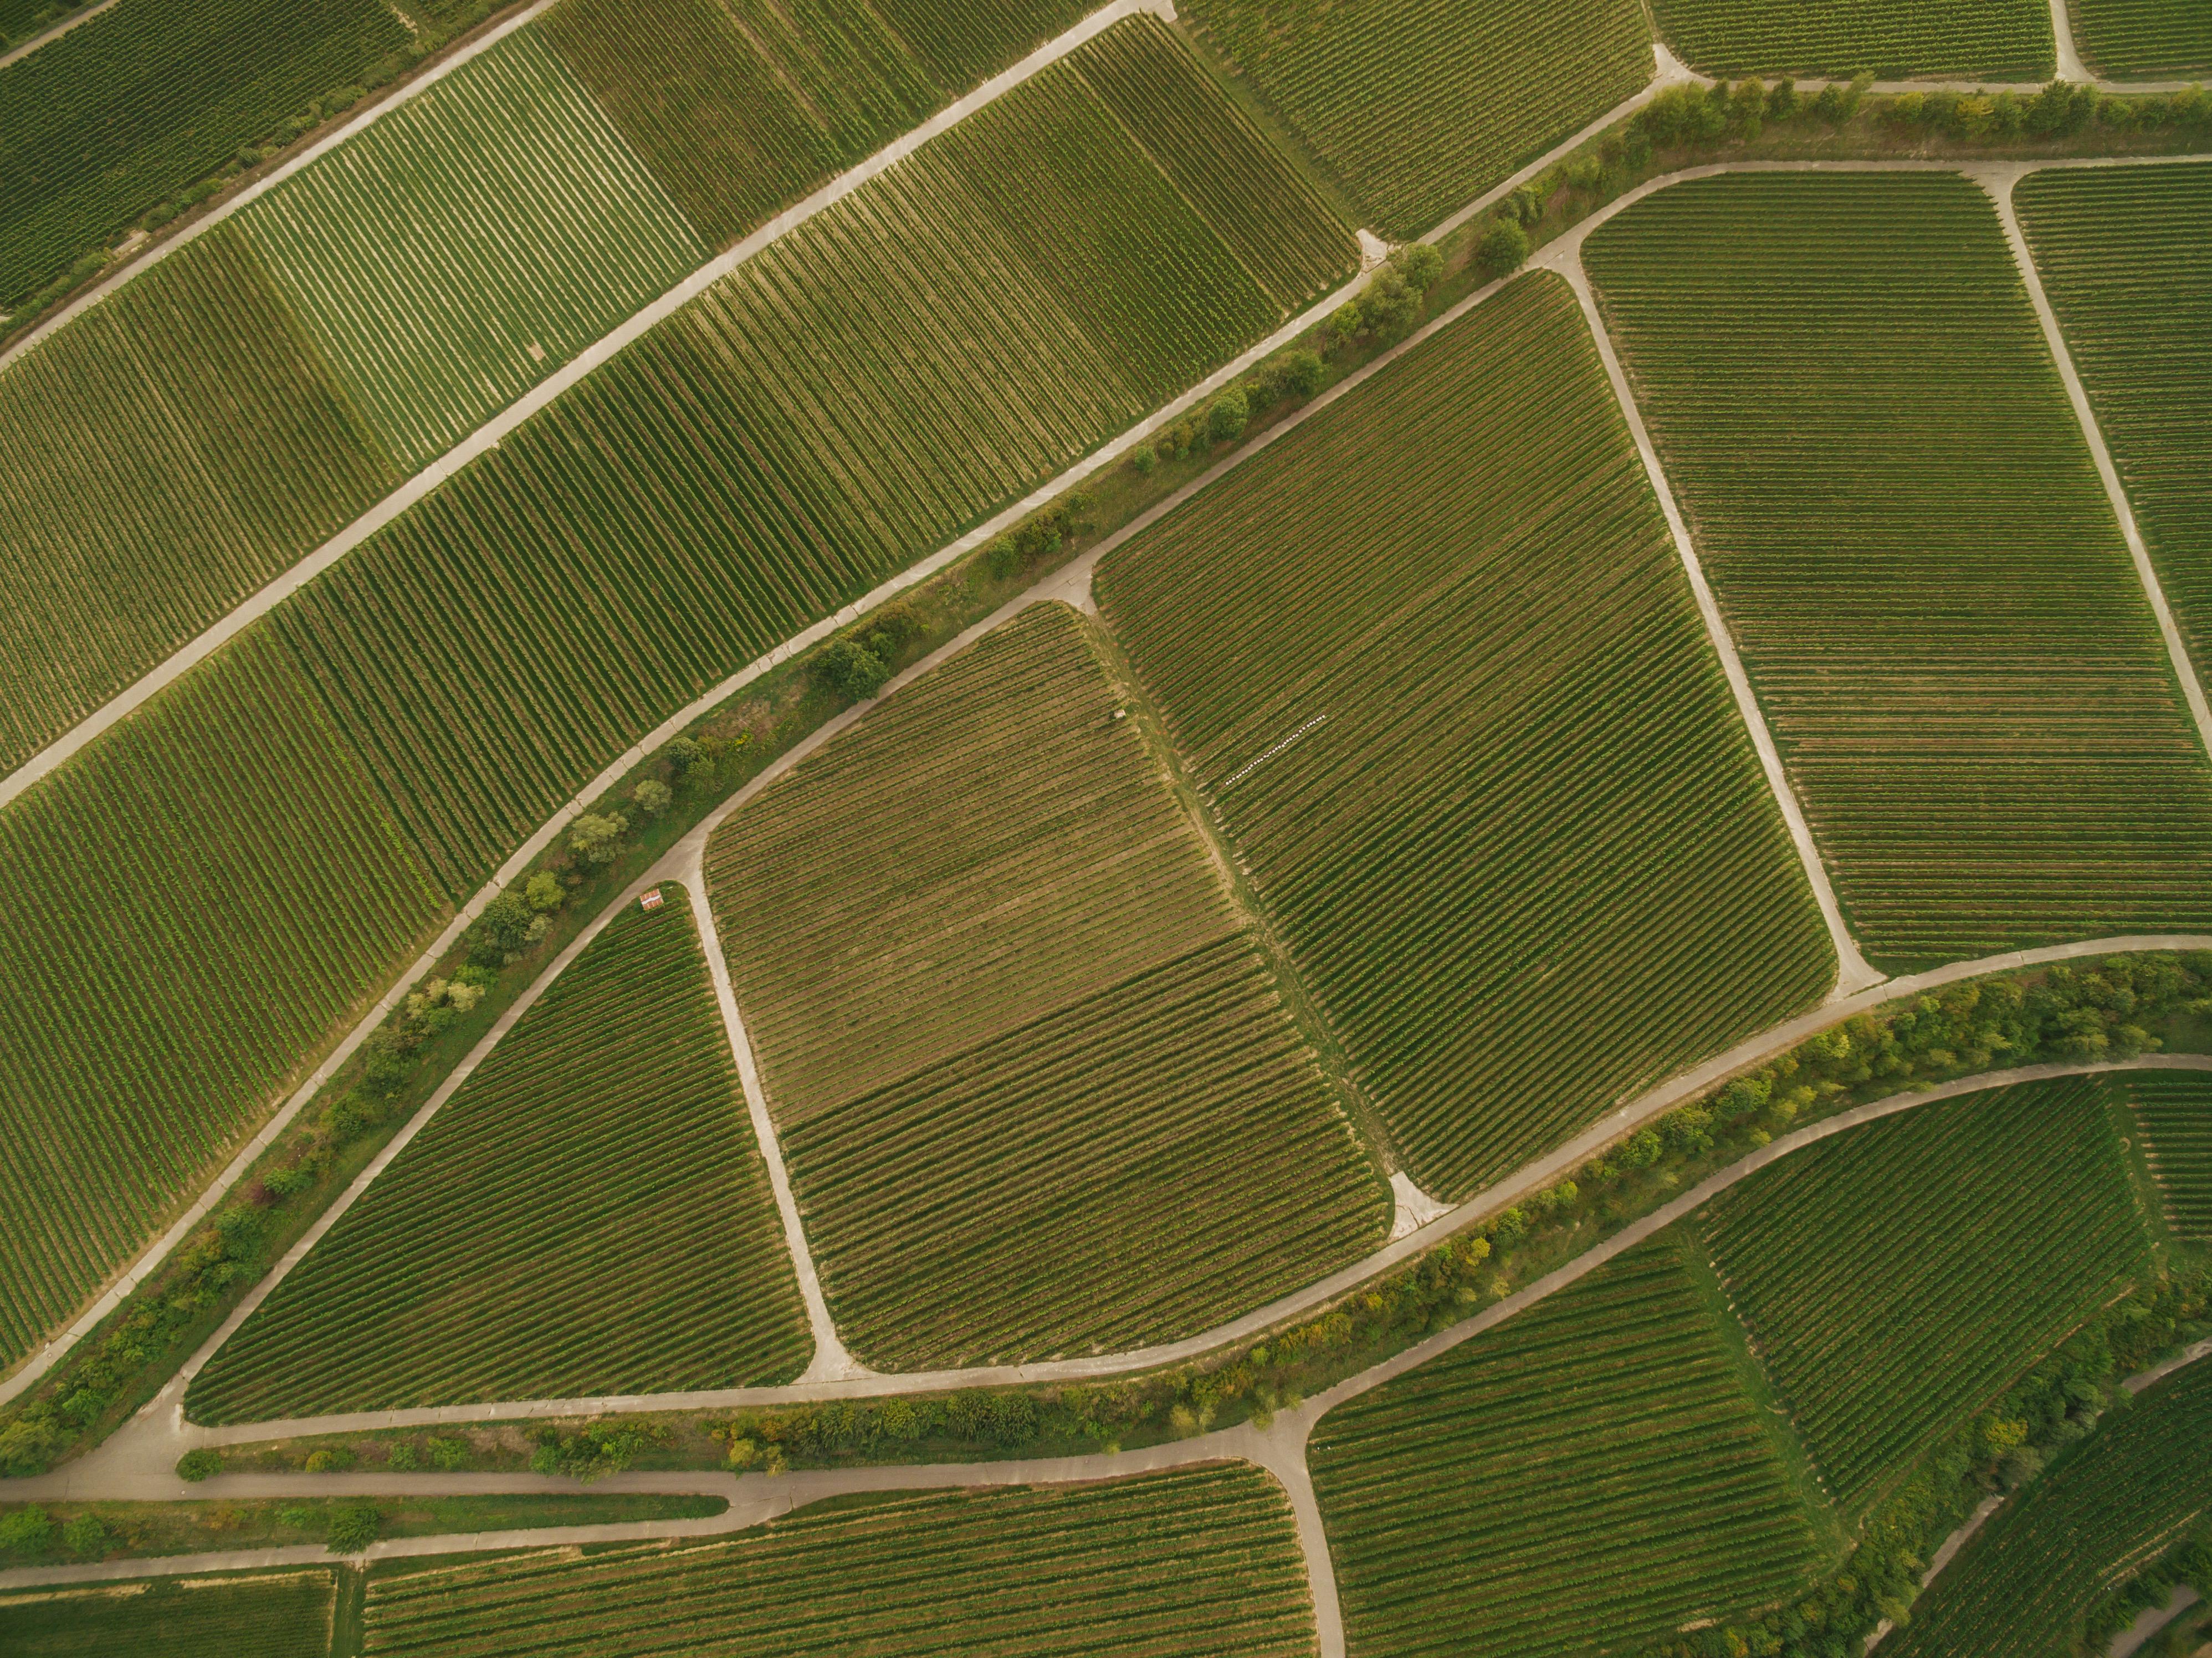 Как продать землю выгодно: создан онлайн-помощник LandInvest для землевладельцев